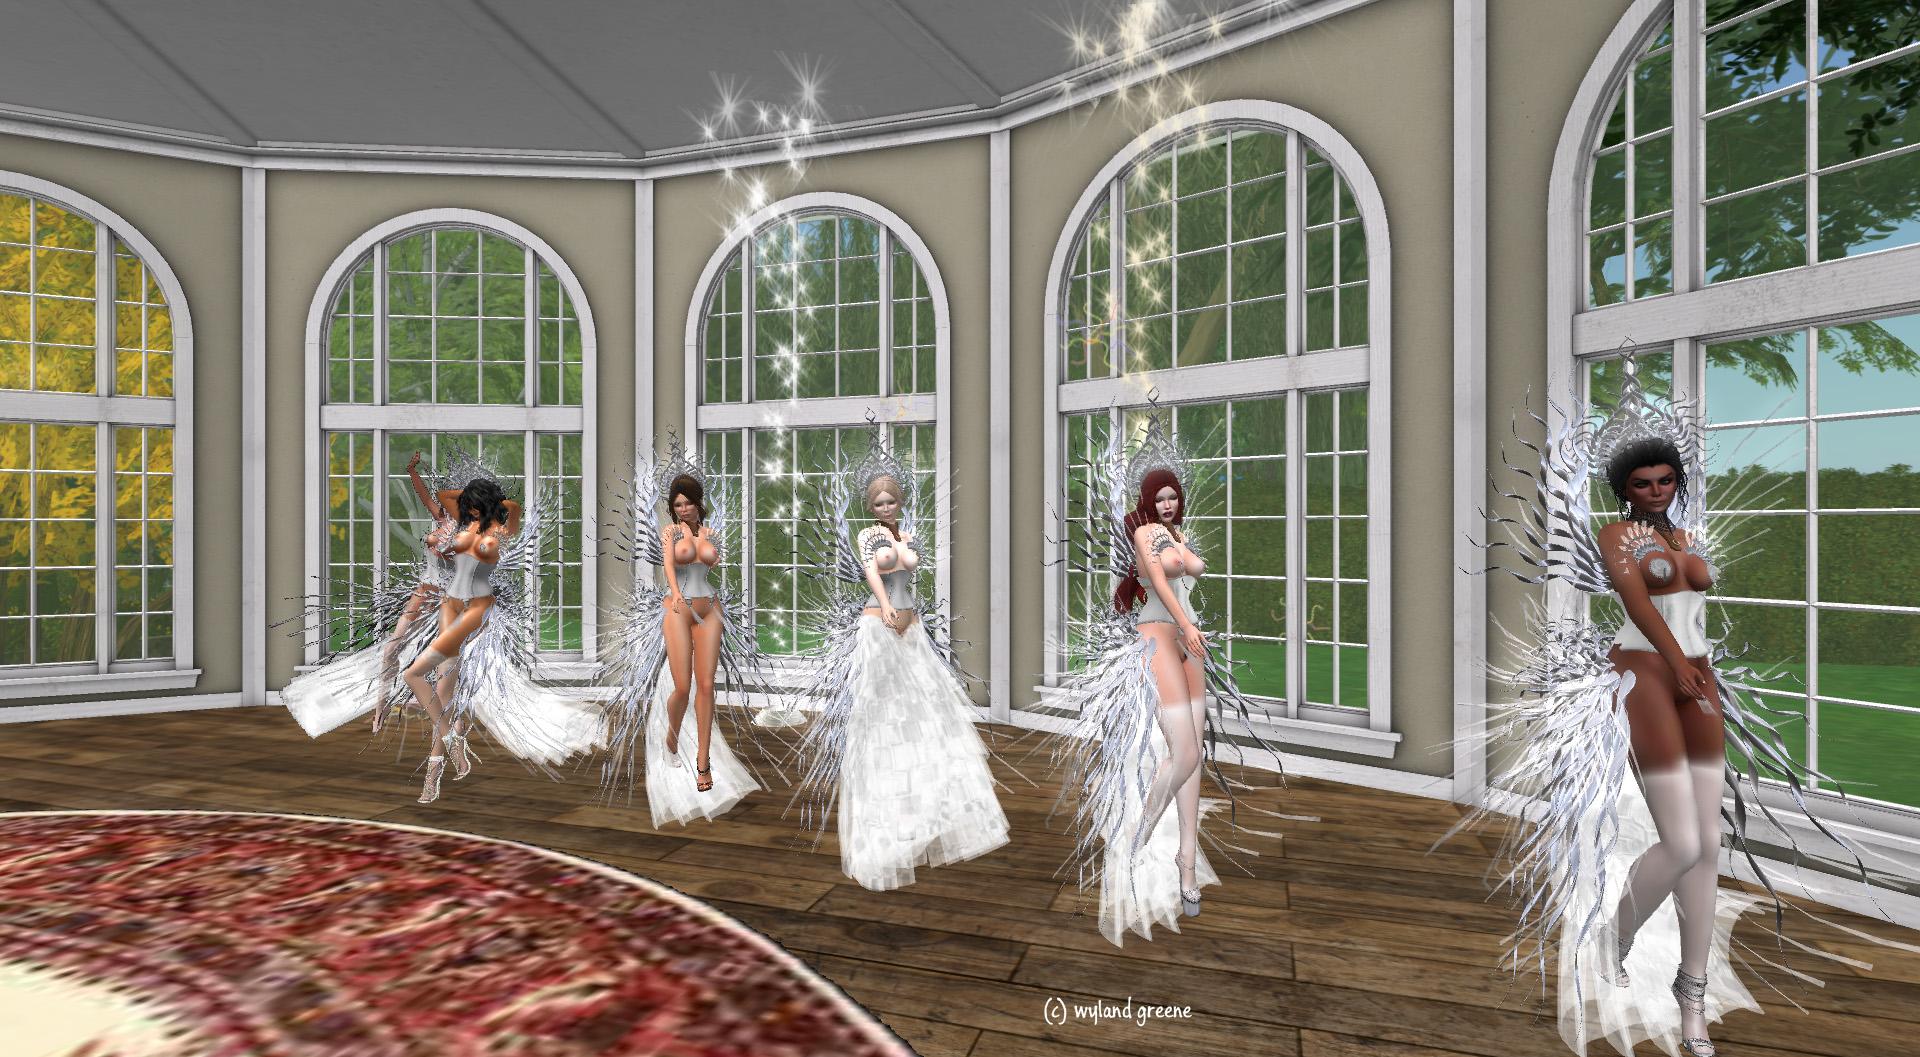 roissy girls_015